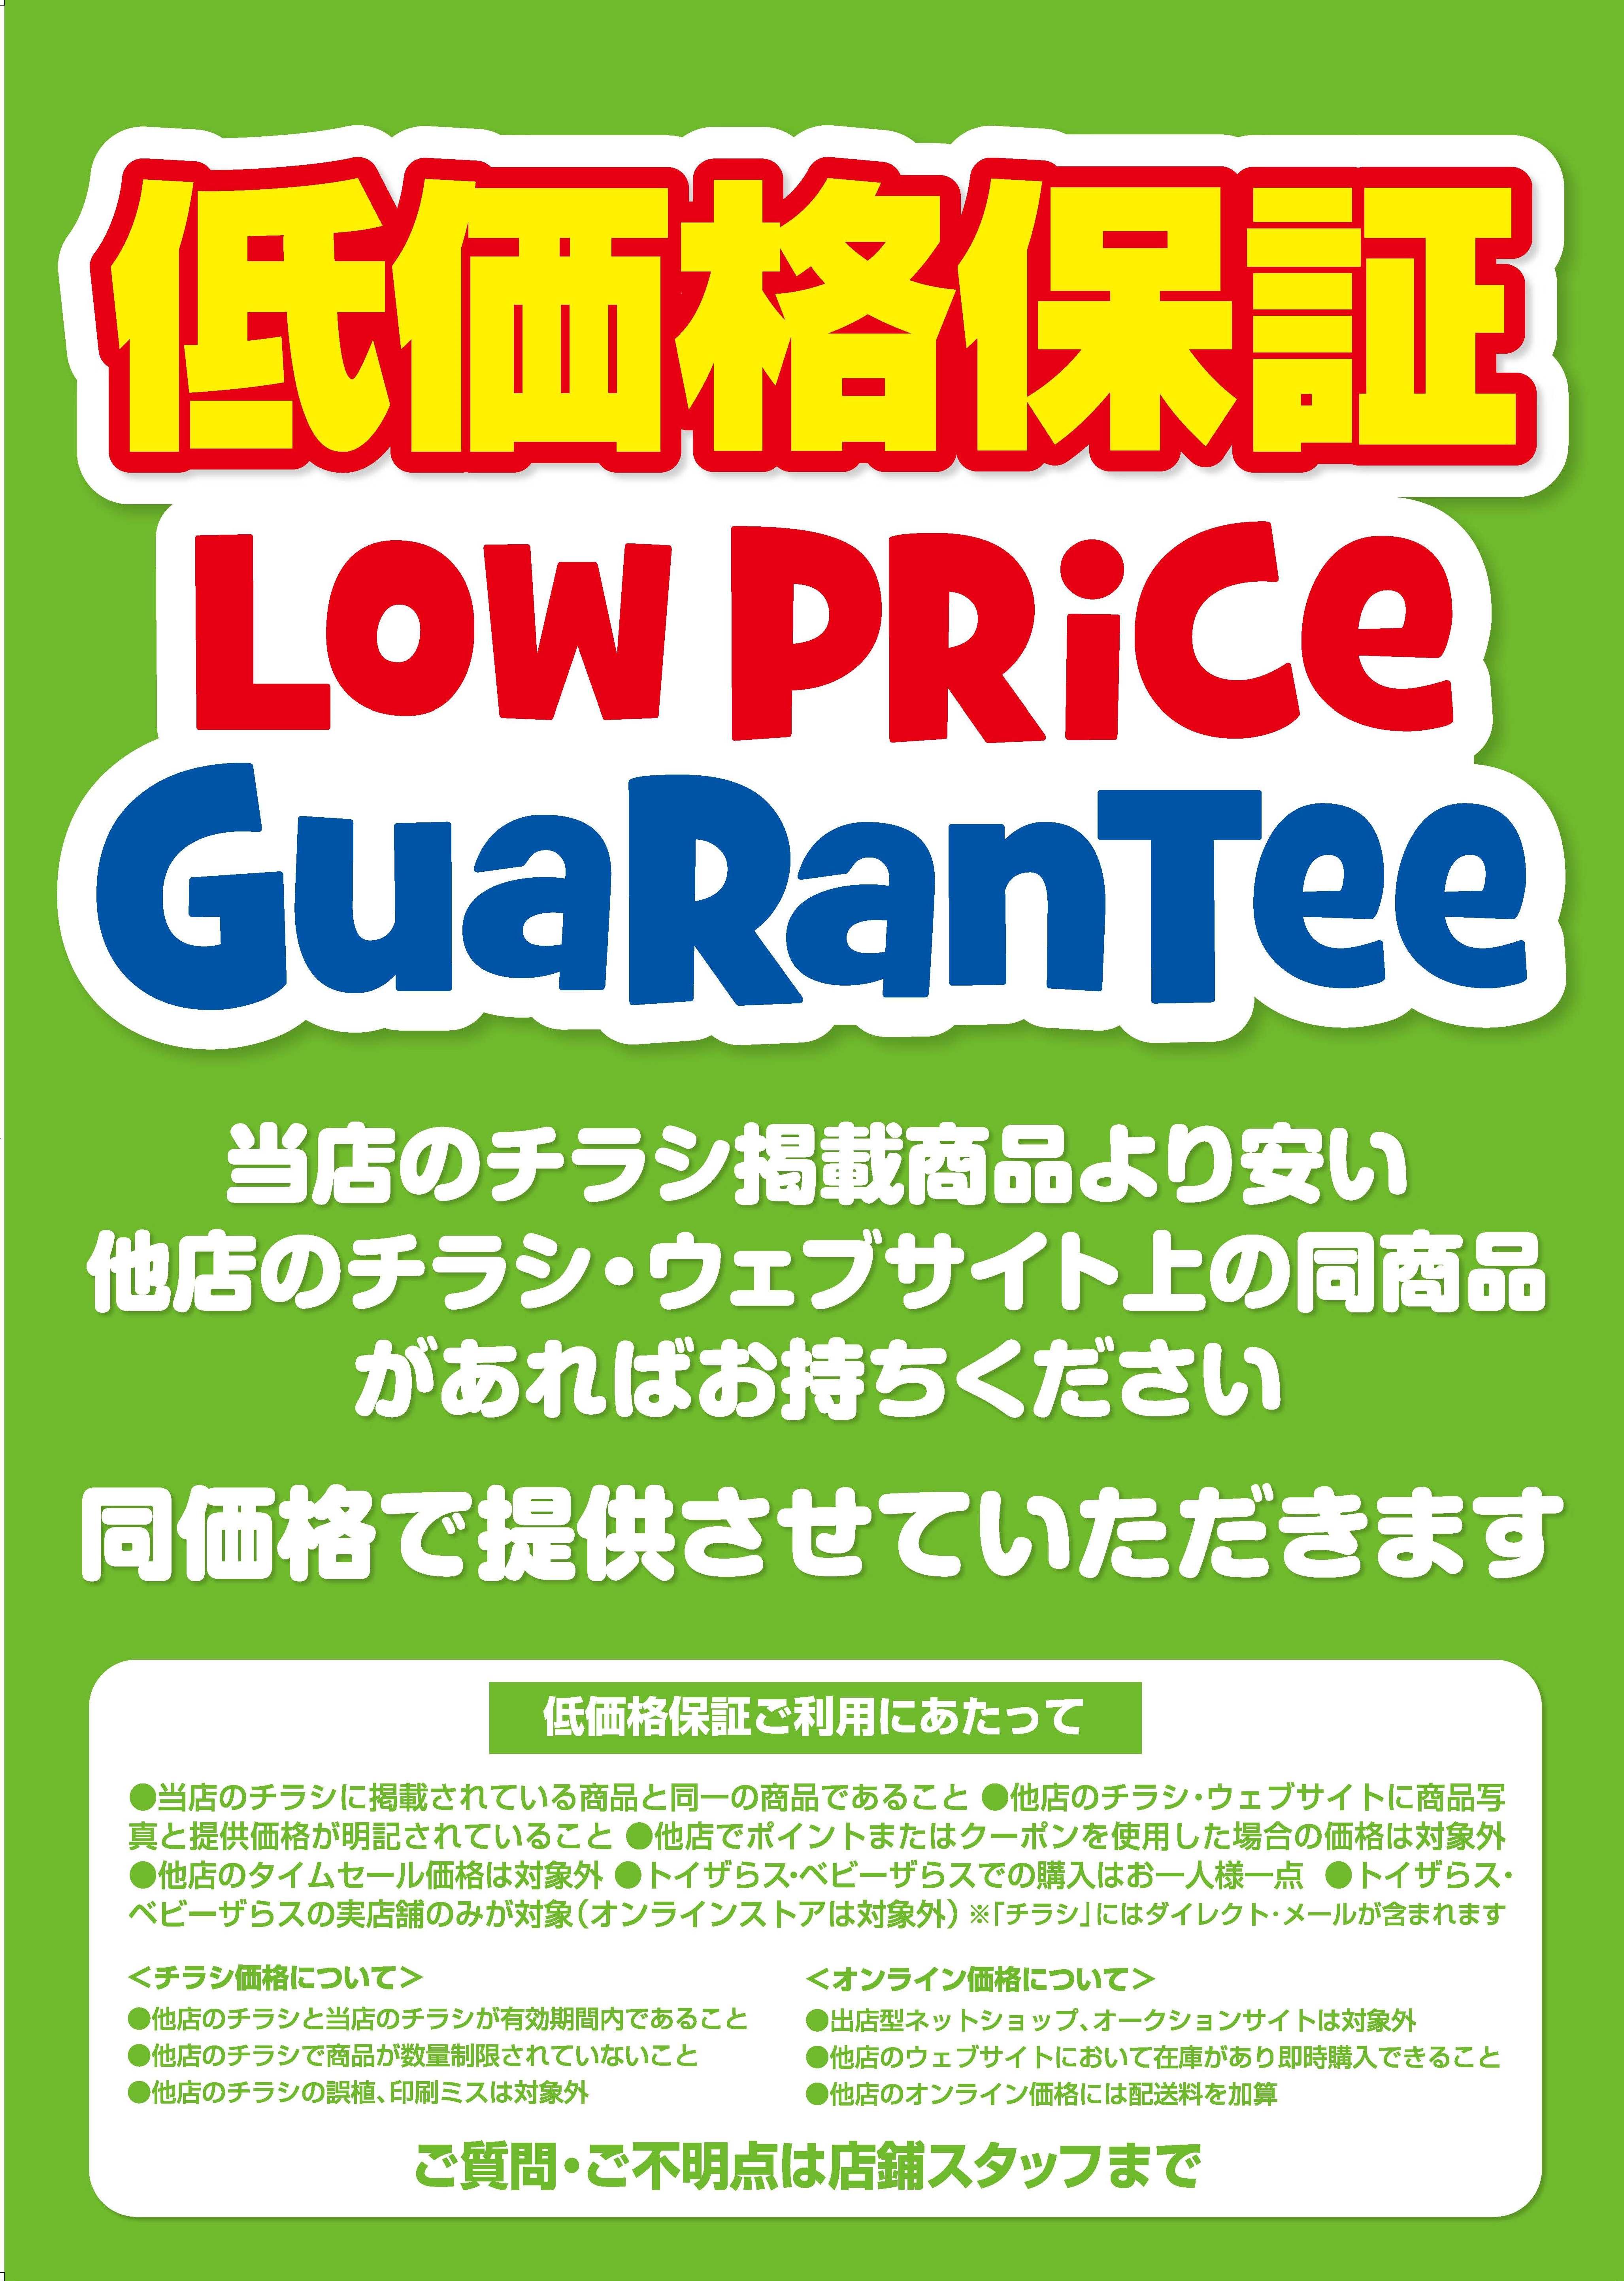 トイザらス低価格保証/LOW PRICE GUARANTEE